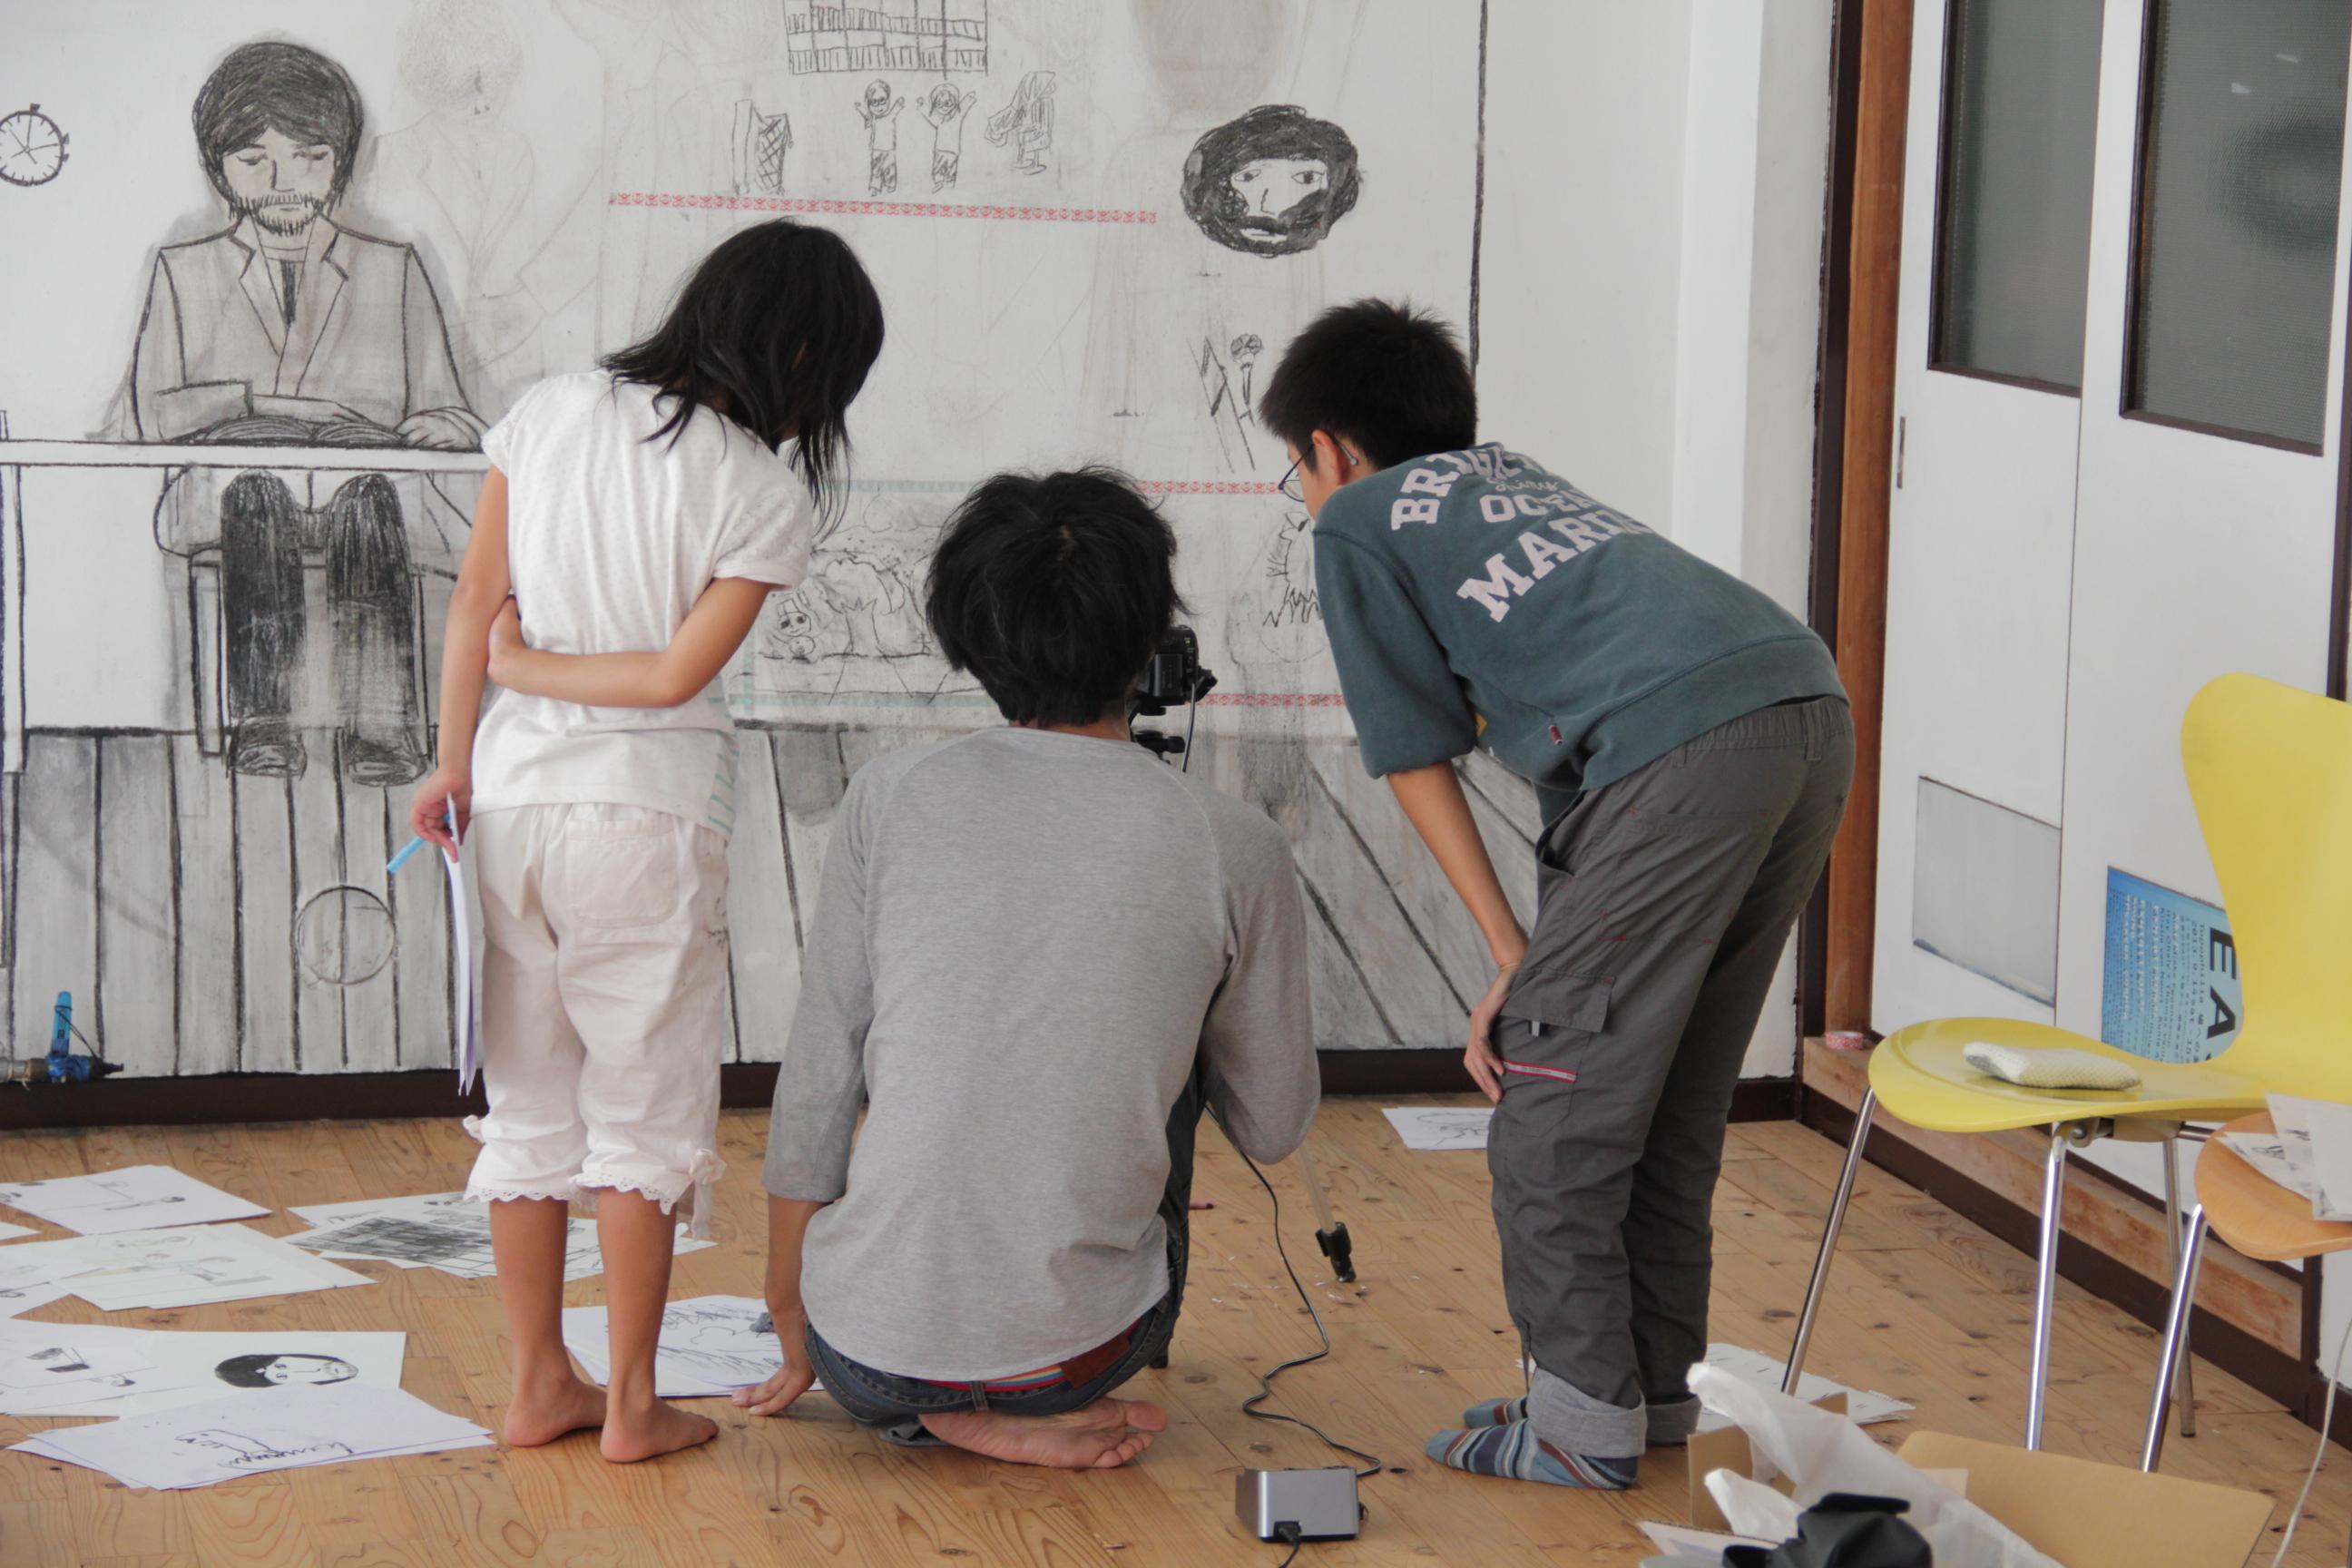 ワークショップ「アーティストと作る, ドローイングアニメーション」2019.7.7.開催